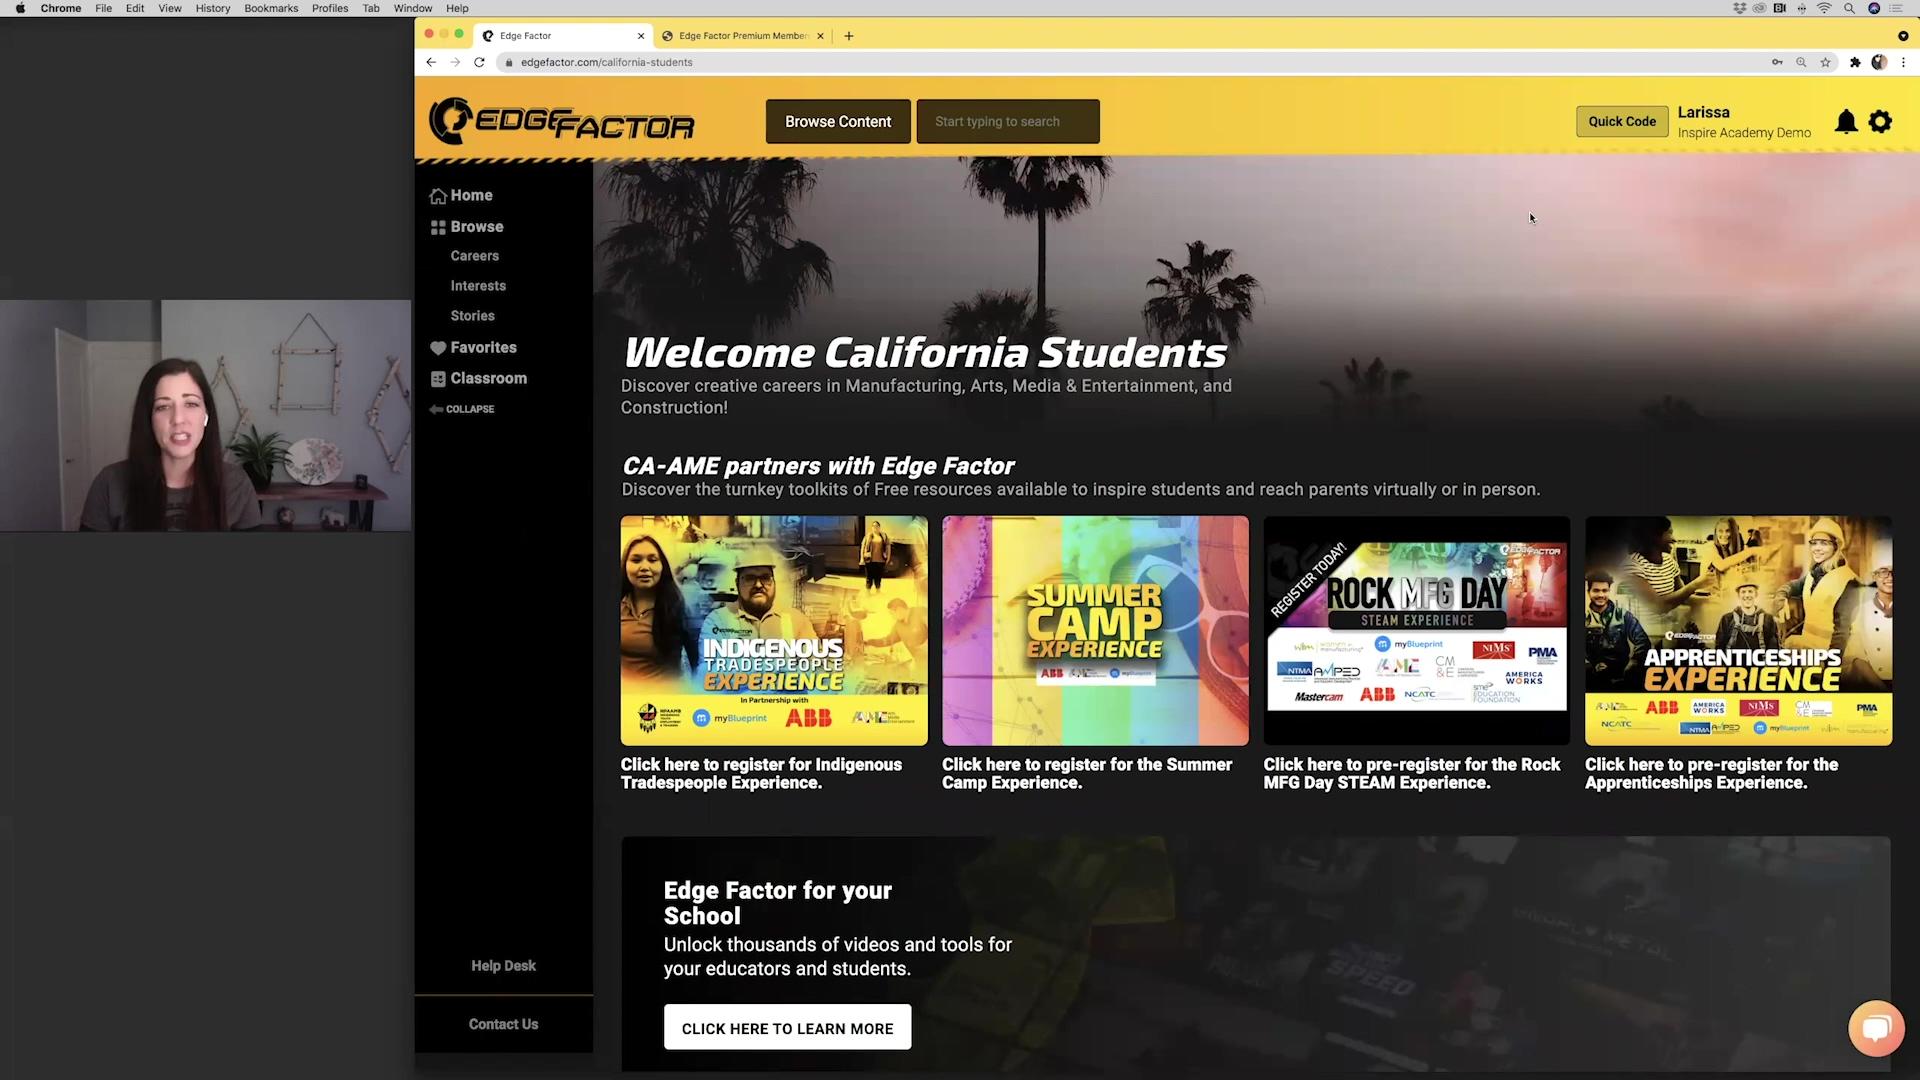 California Educators